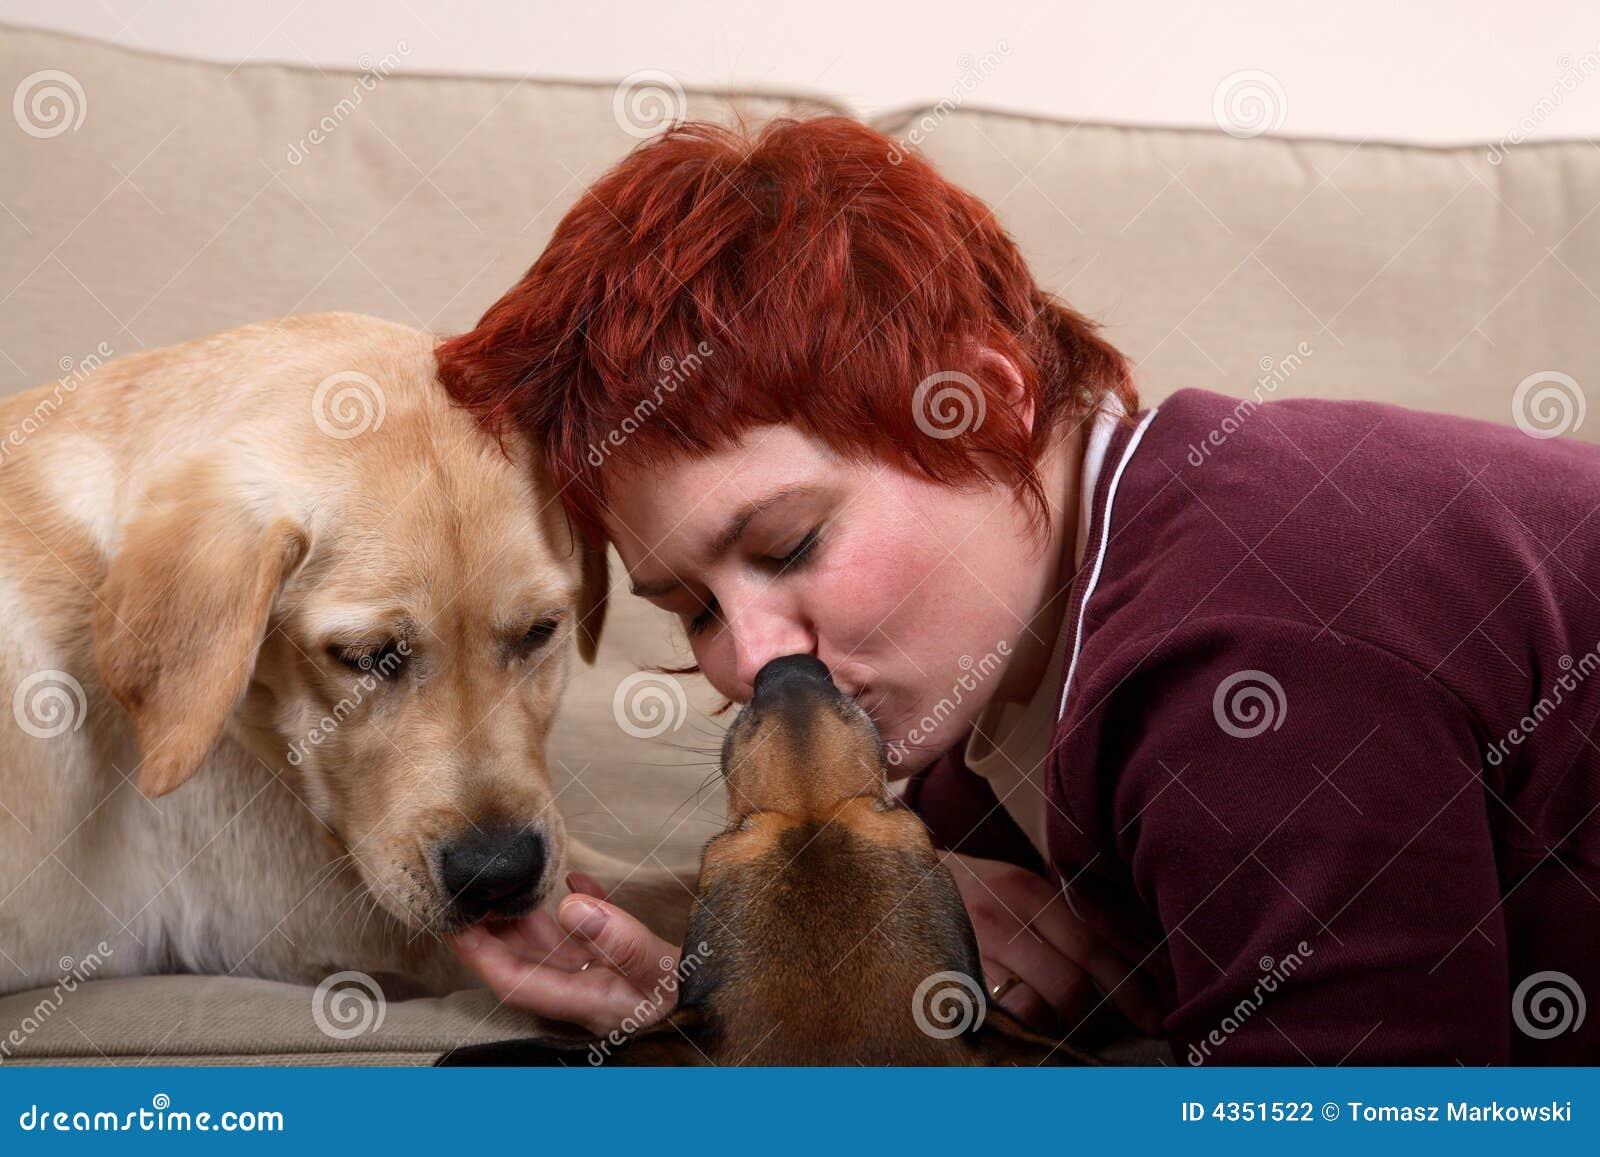 女人与公犬做视频大片